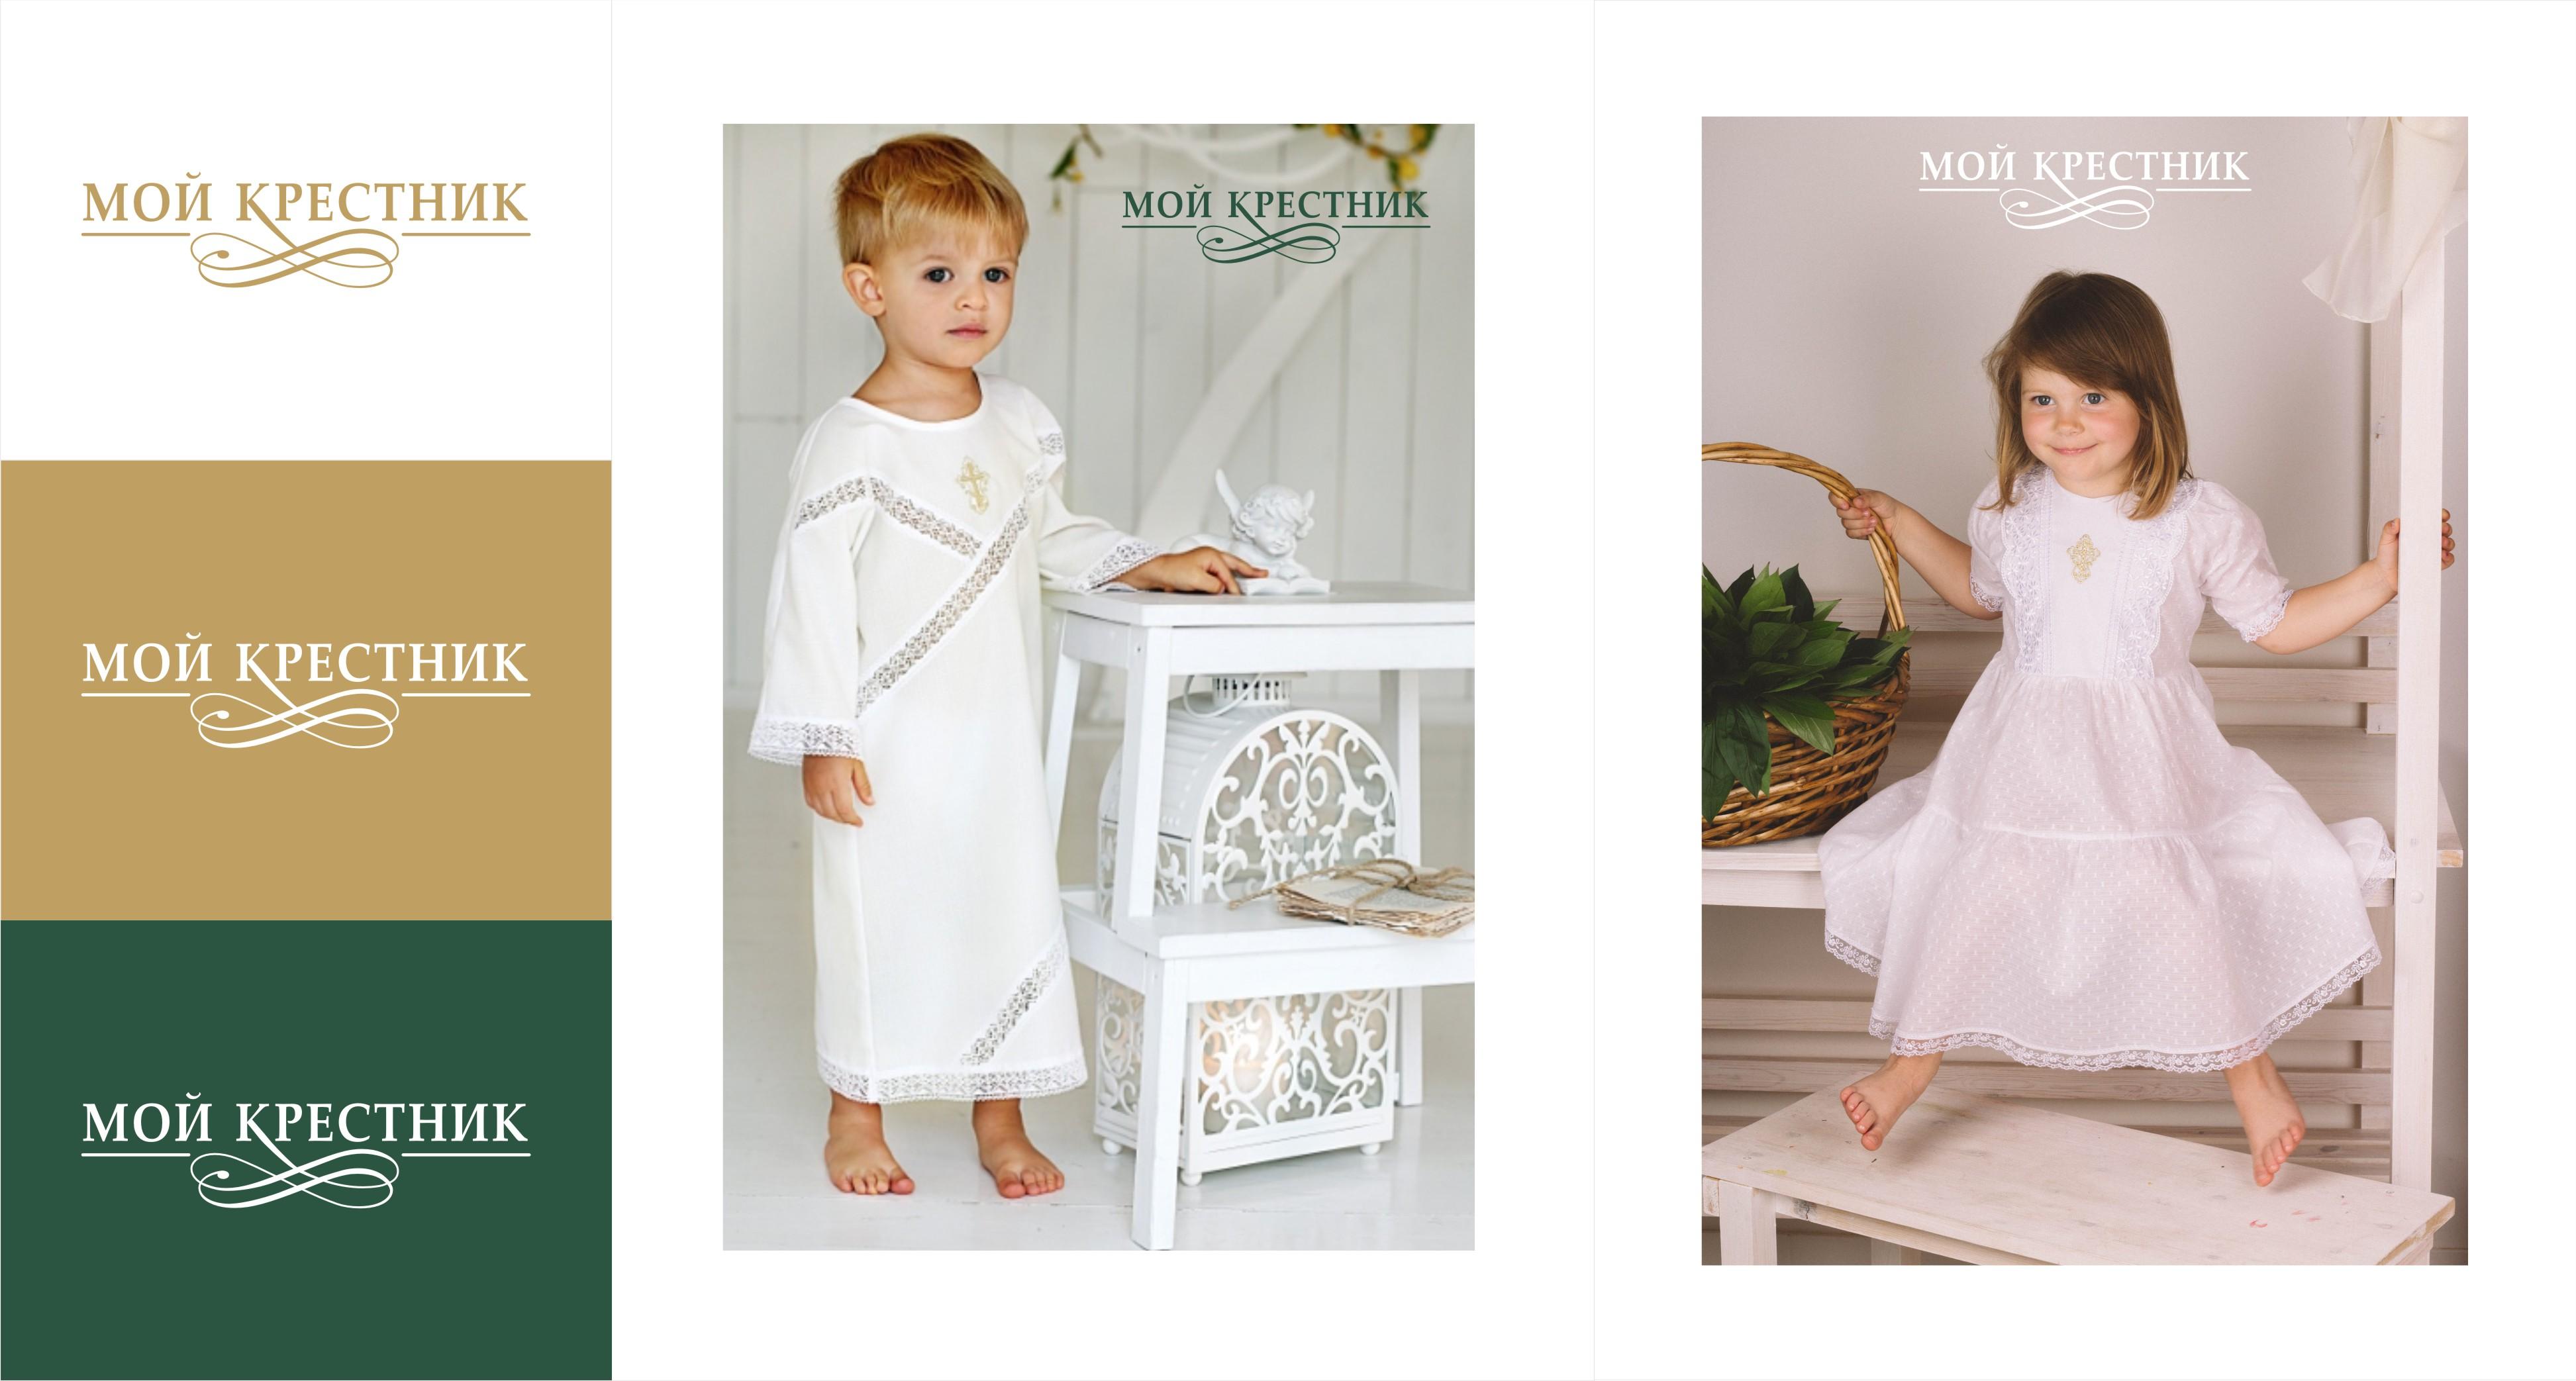 Логотип для крестильной одежды(детской). фото f_3465d4c82a663b2b.jpg